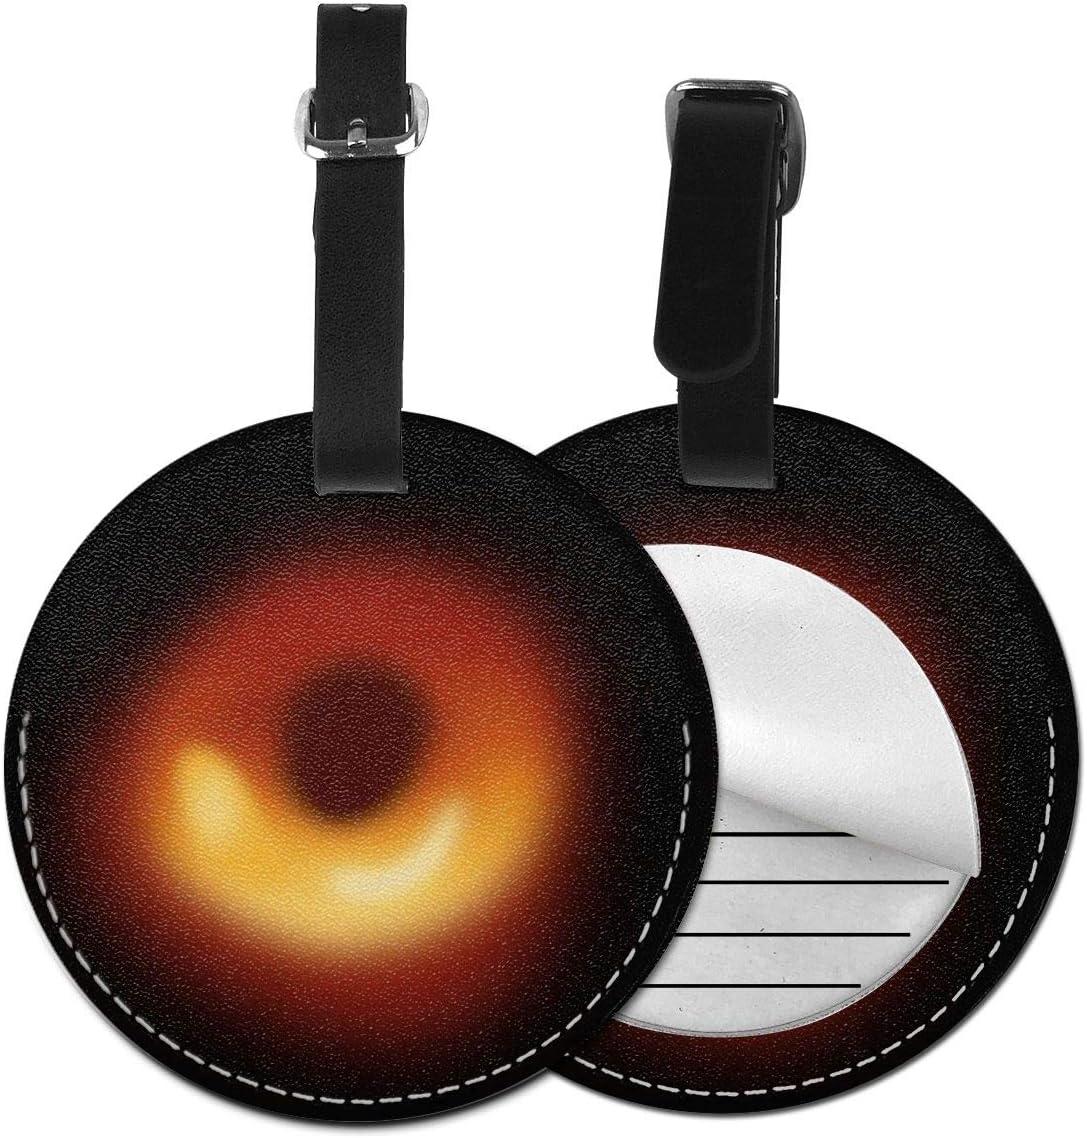 Etiquetas De Equipaje De Cuero Sintético Identificación De Nombre con Cubierta De Privacidad Trasera para Maleta De Viaje, Black Hole Discovery 2019